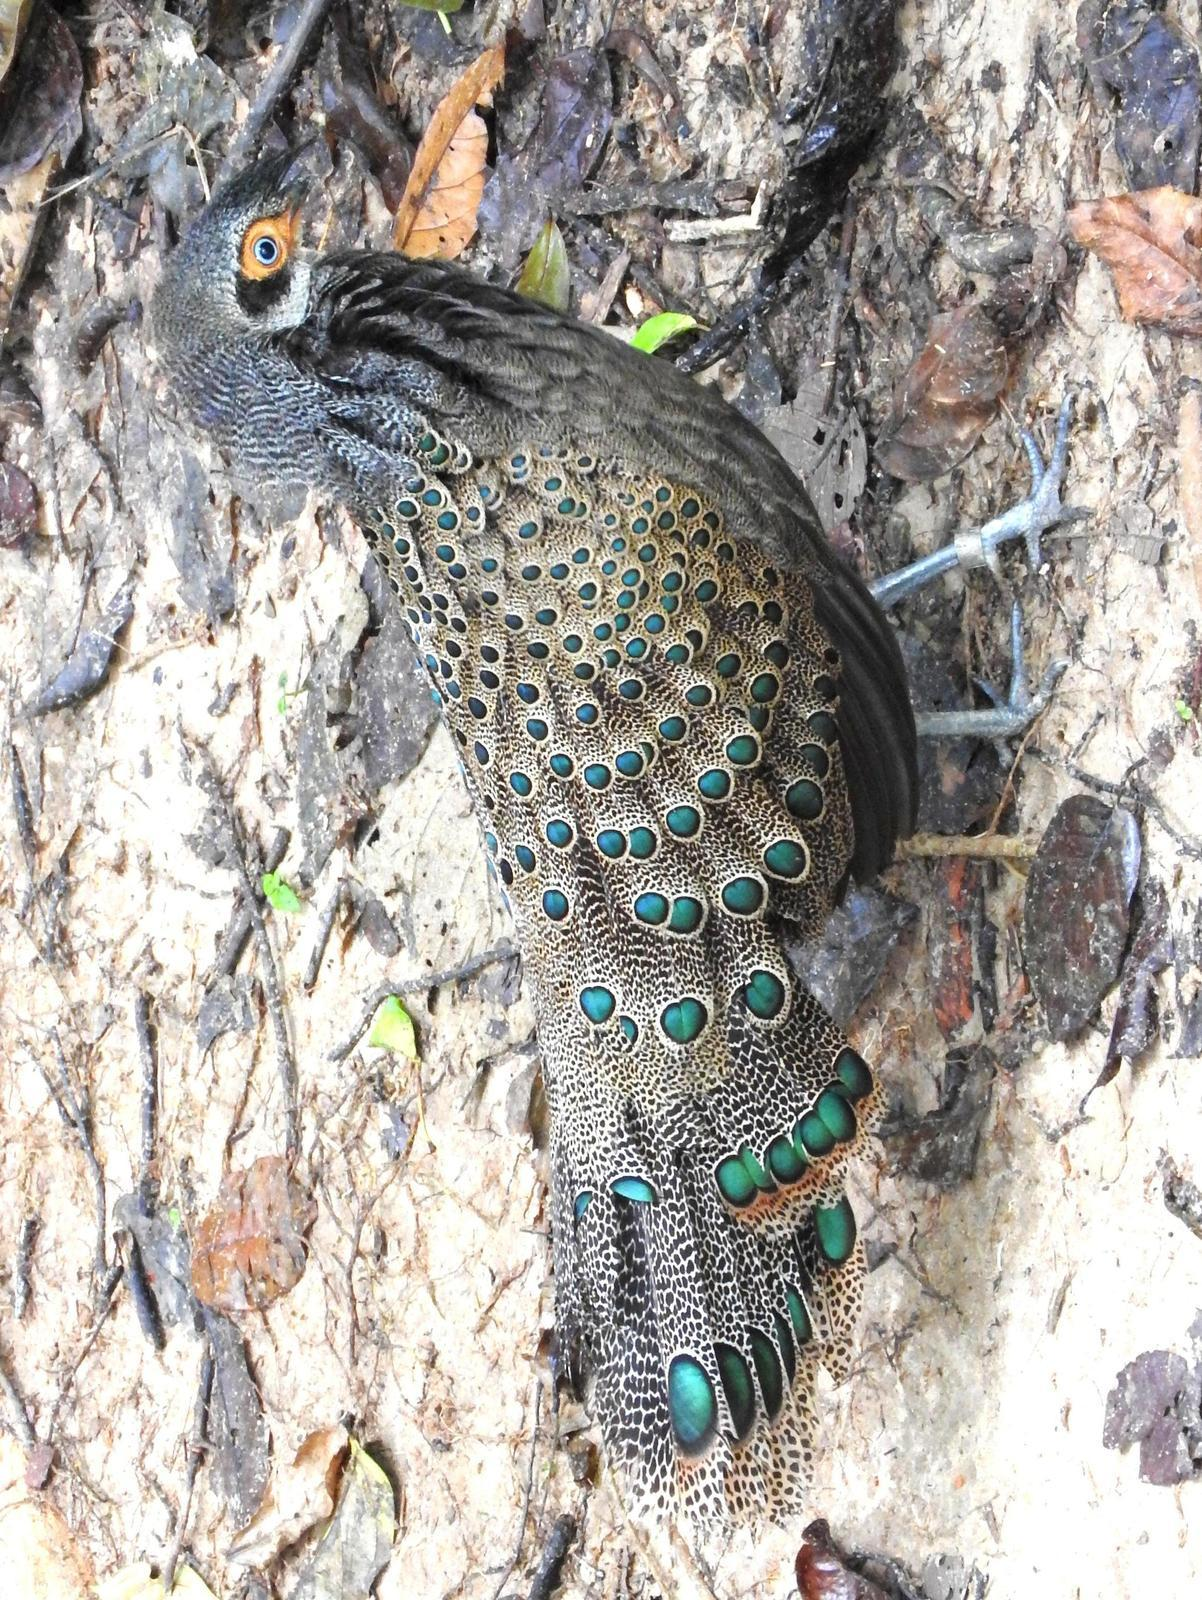 Malayan Peacock-Pheasant Photo by Todd A. Watkins